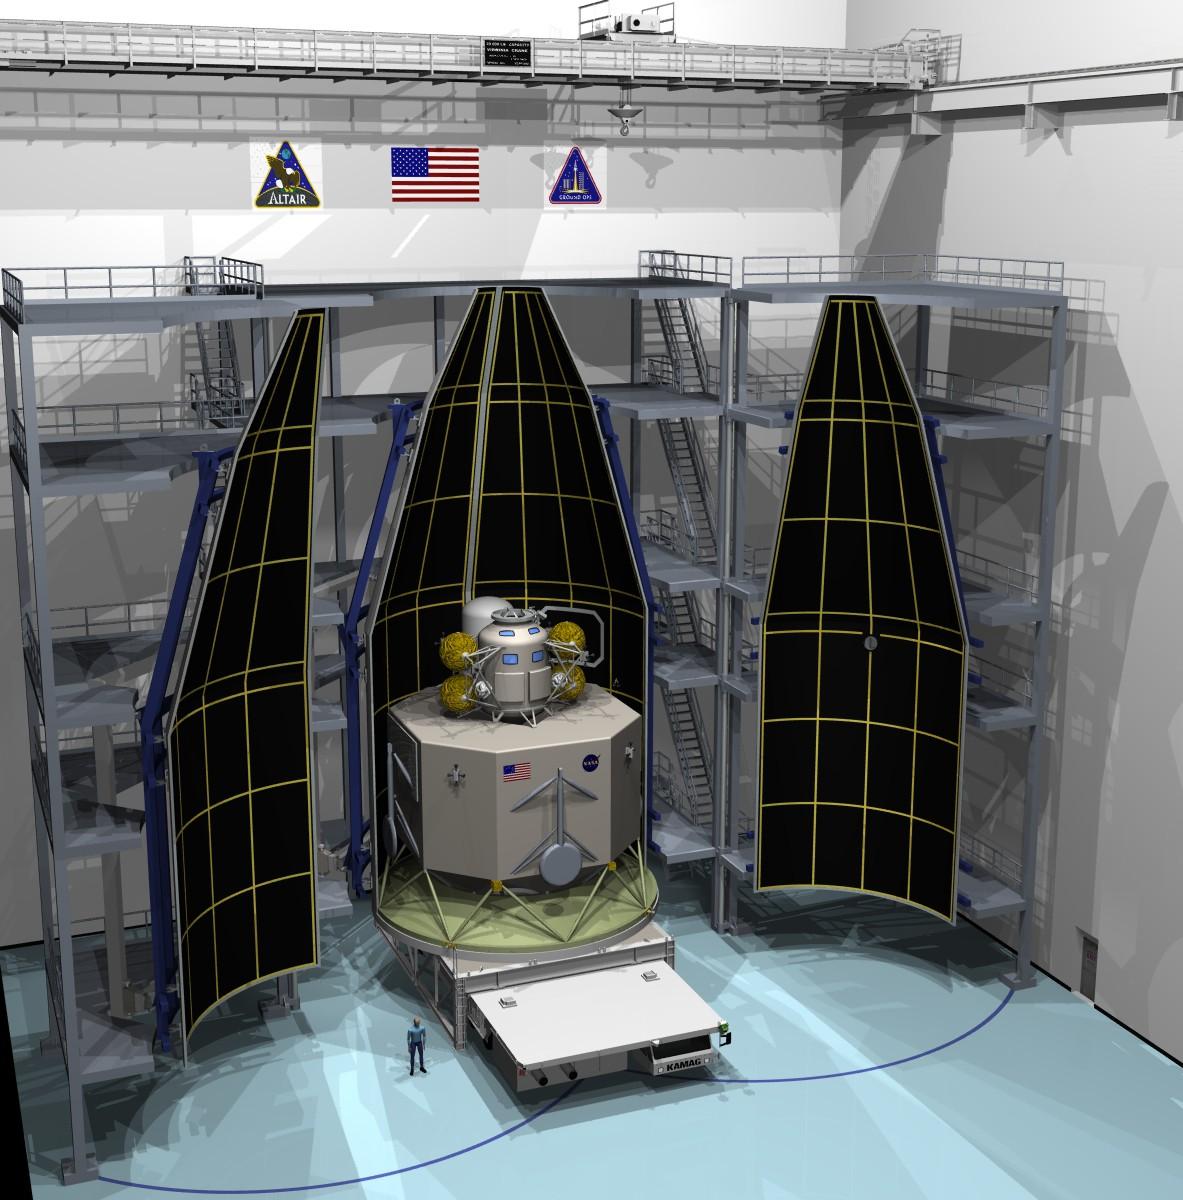 Altair (spacecraft) - Wikiwand